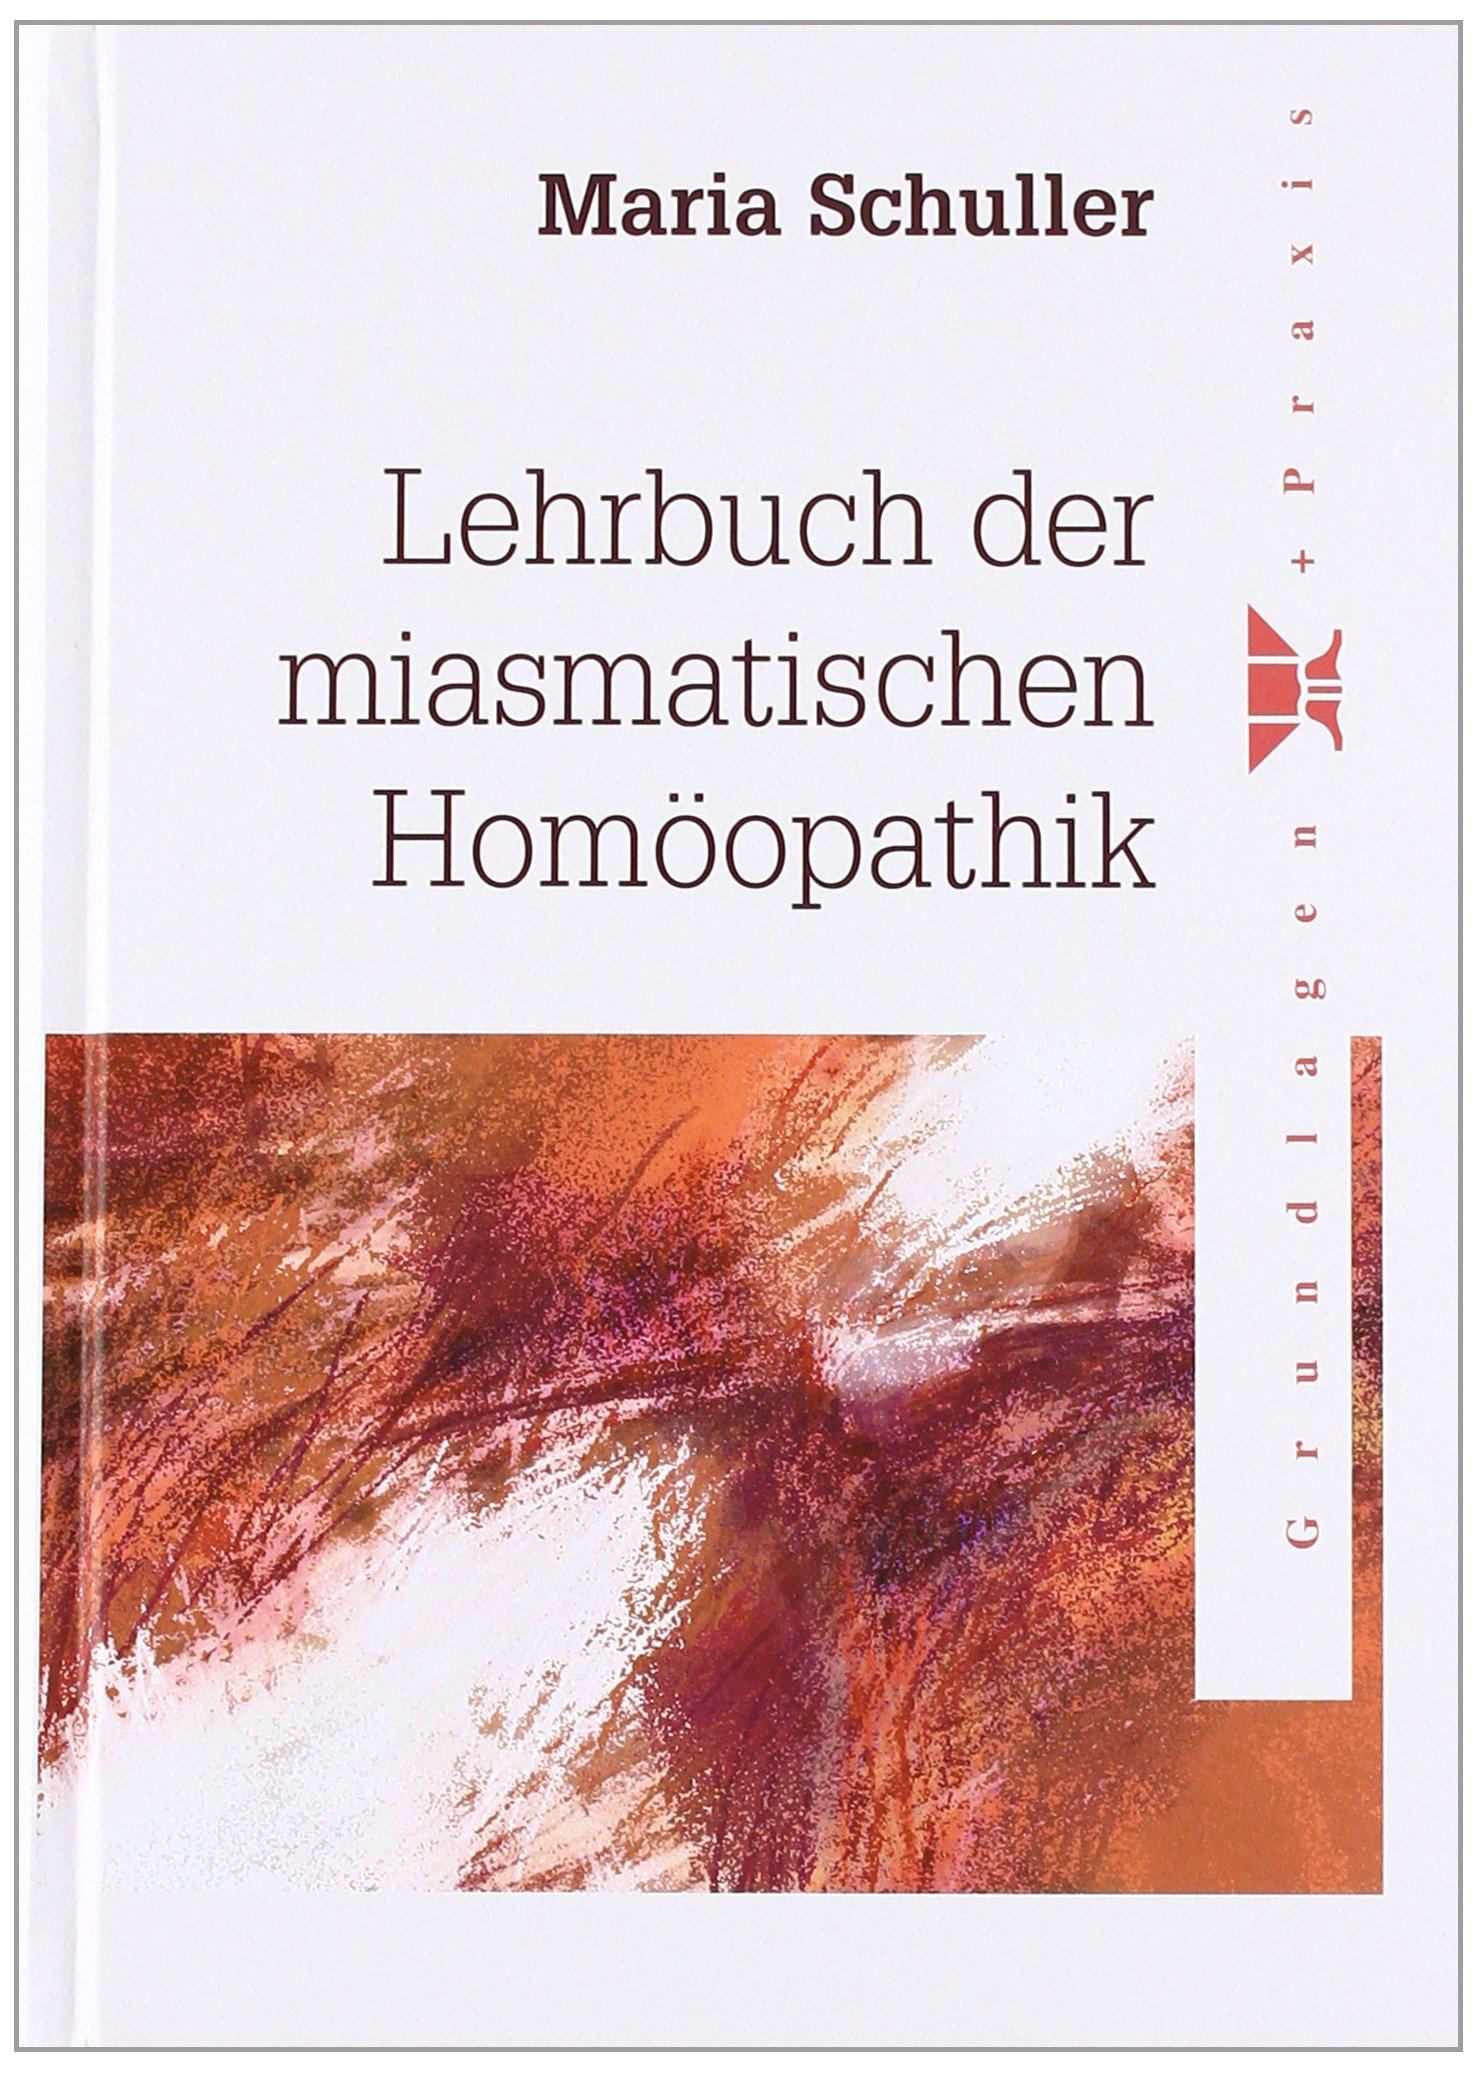 Lehrbuch der miasmatischen Homöopathik